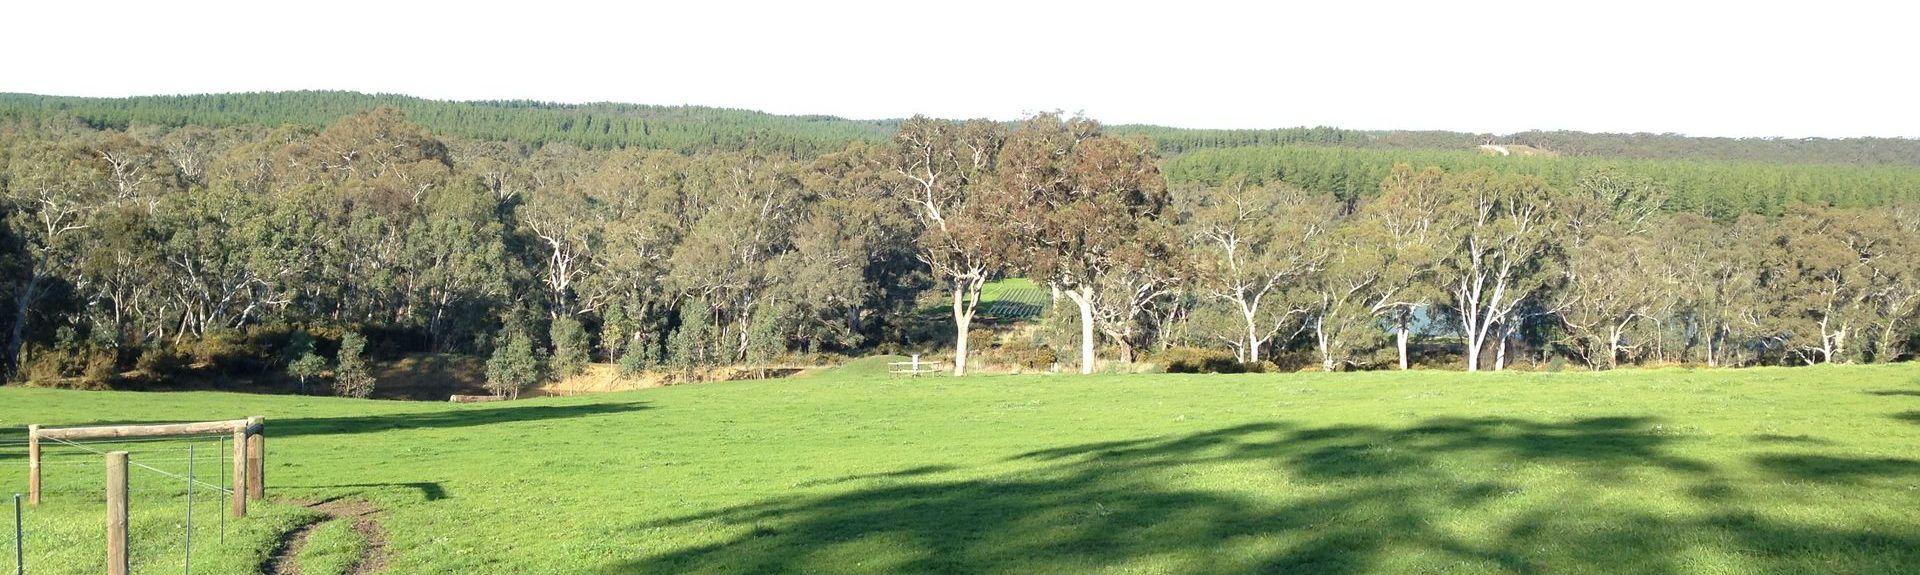 Meadows, South Australia, Australia